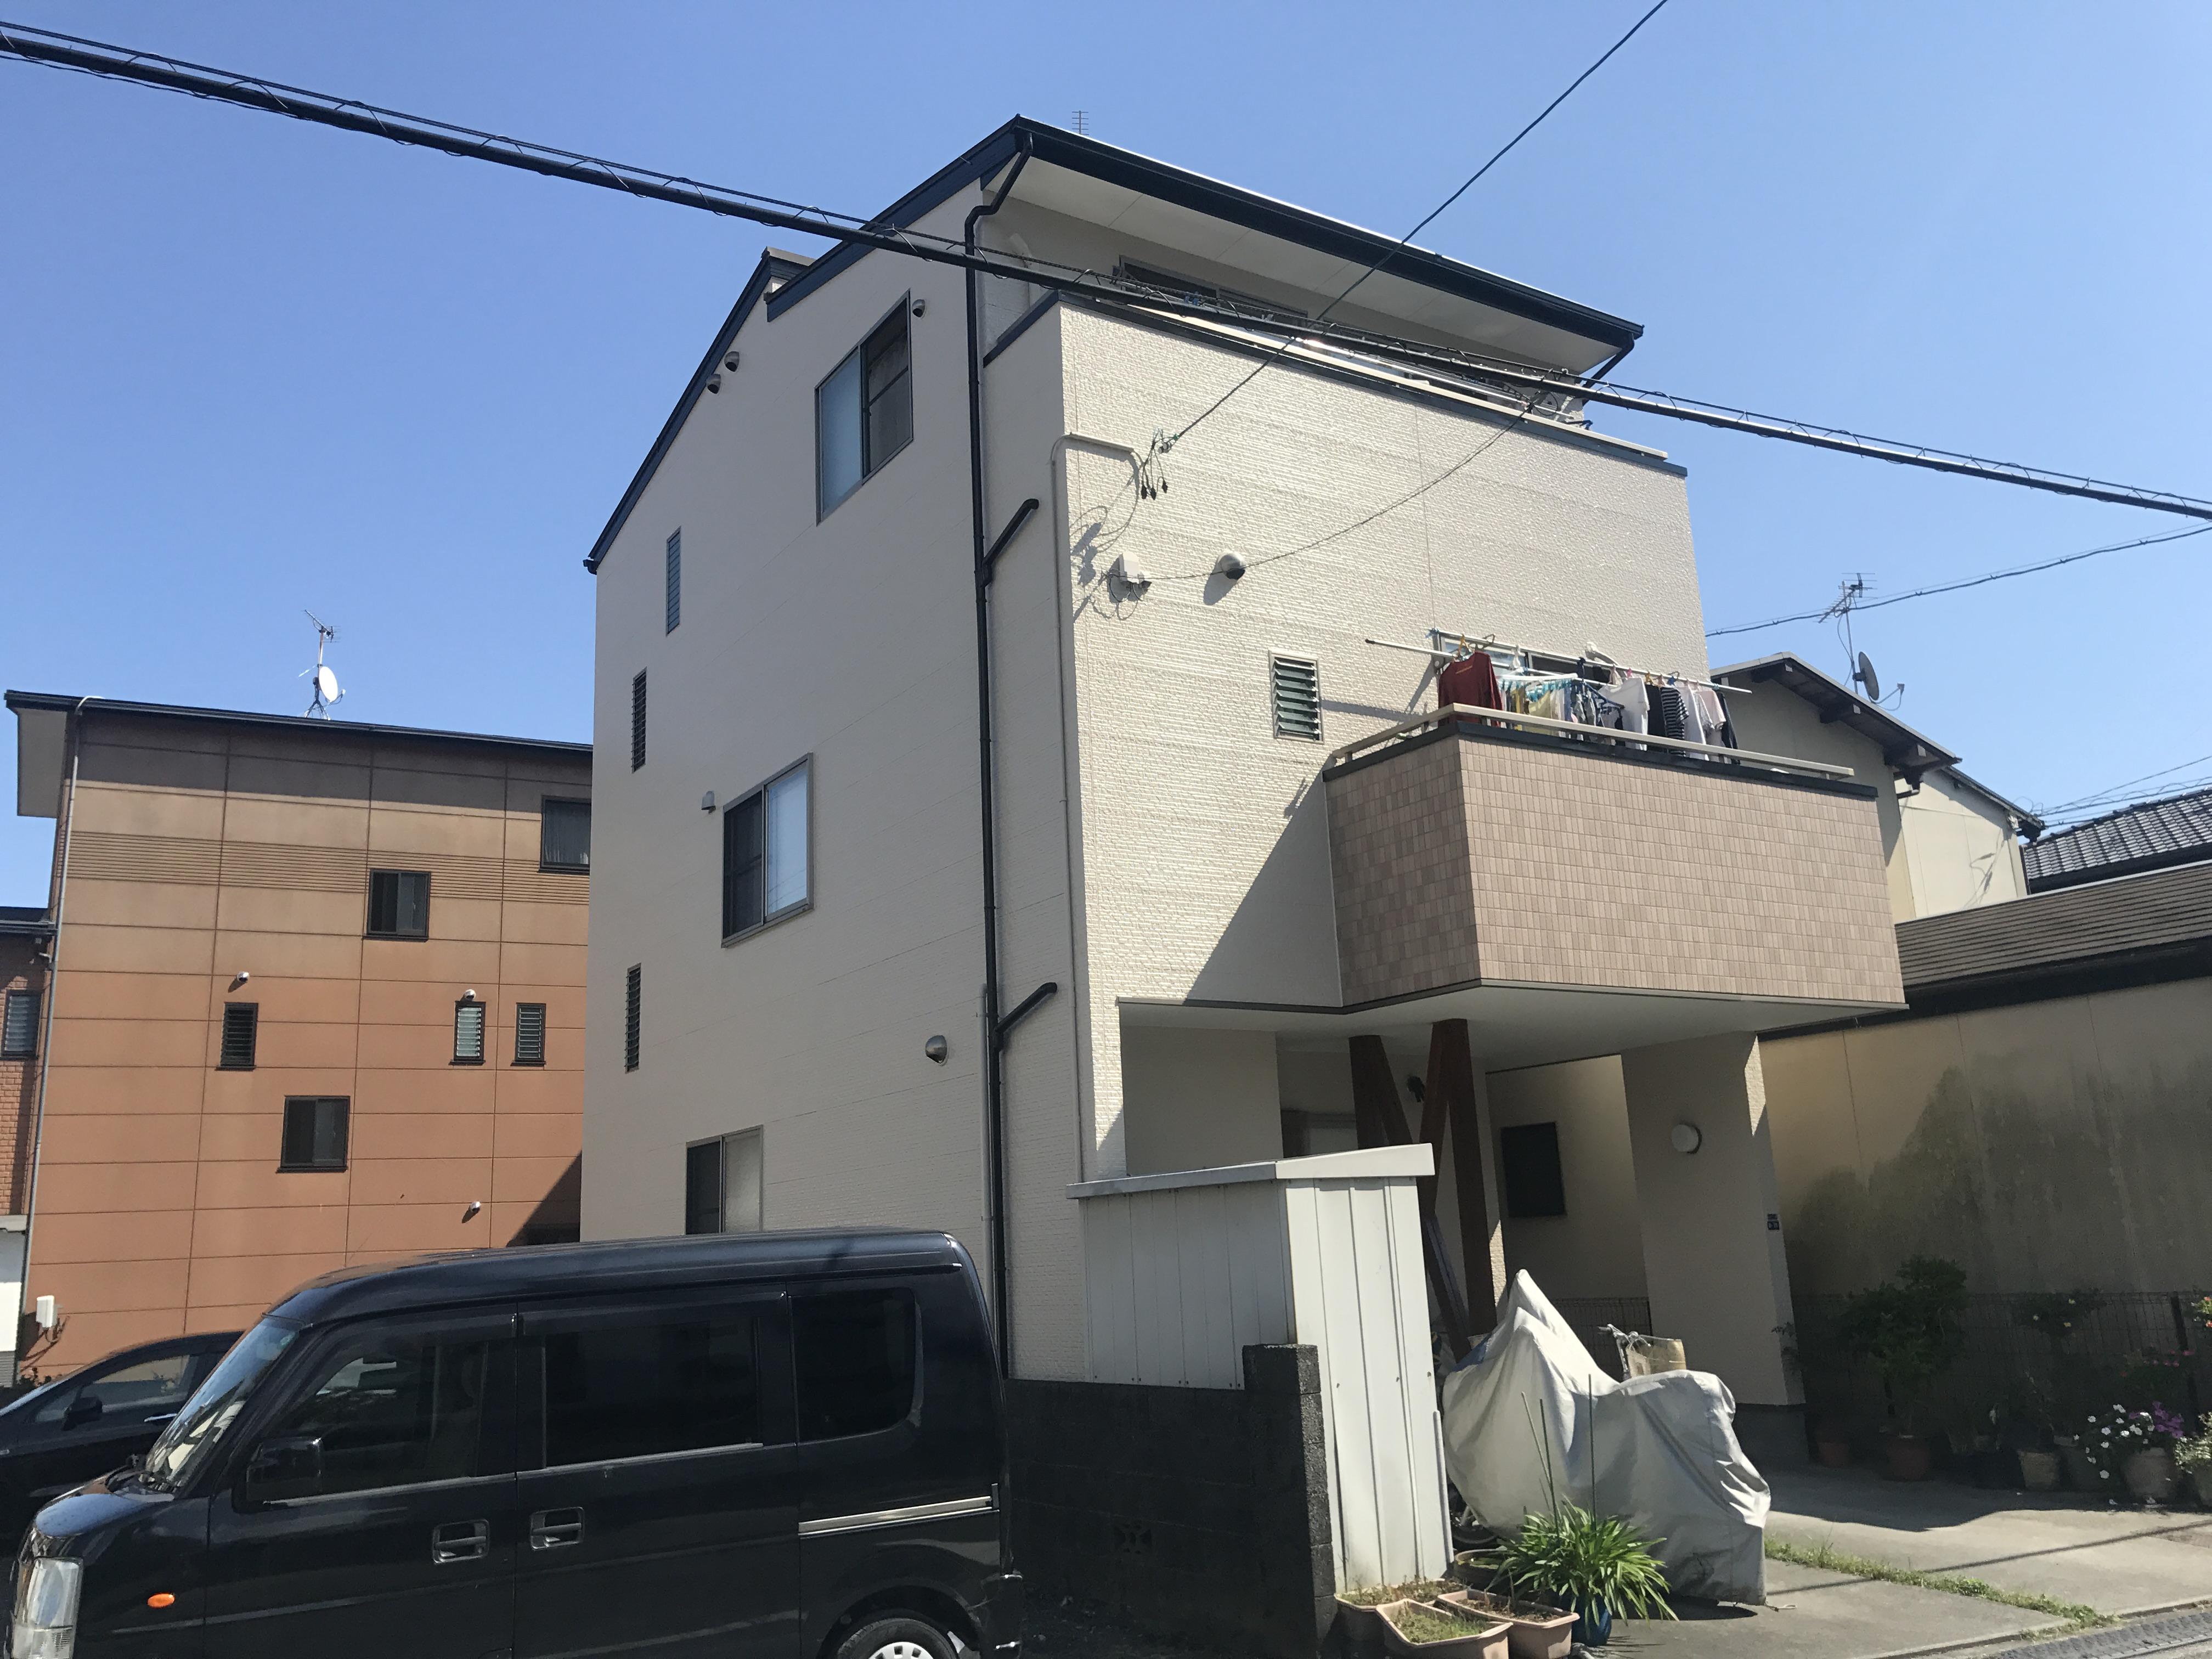 静岡市葵区 3階建て外壁塗装工事 – 地元静岡の塗装屋さん ...